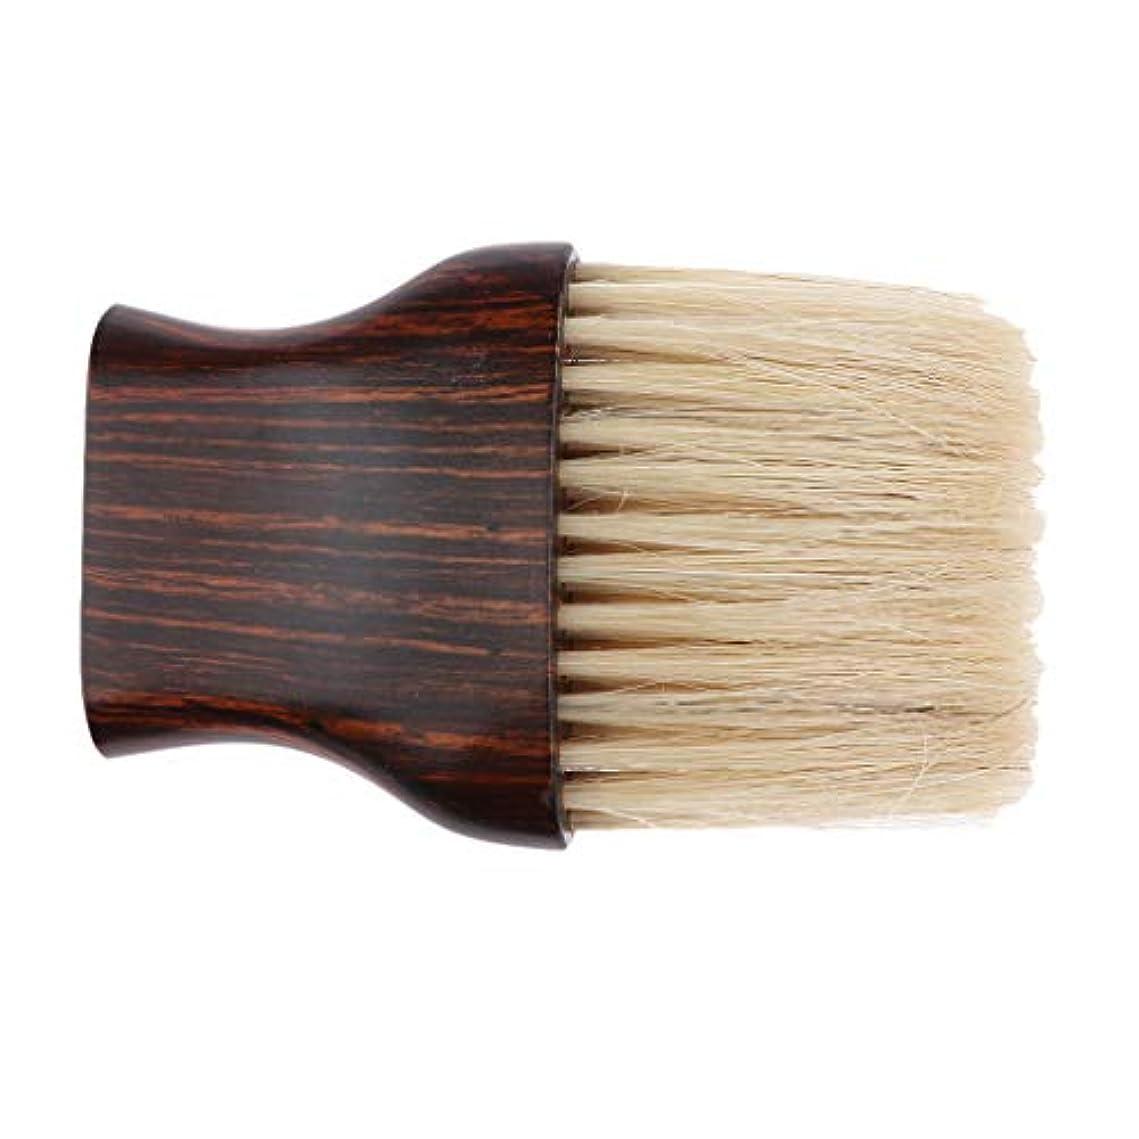 前プライム協力的Perfeclan ヘアブラシ 毛払いブラシ 木製ハンドル 散髪 髪切り 散髪用ツール 理髪店 美容院 ソフトブラシ